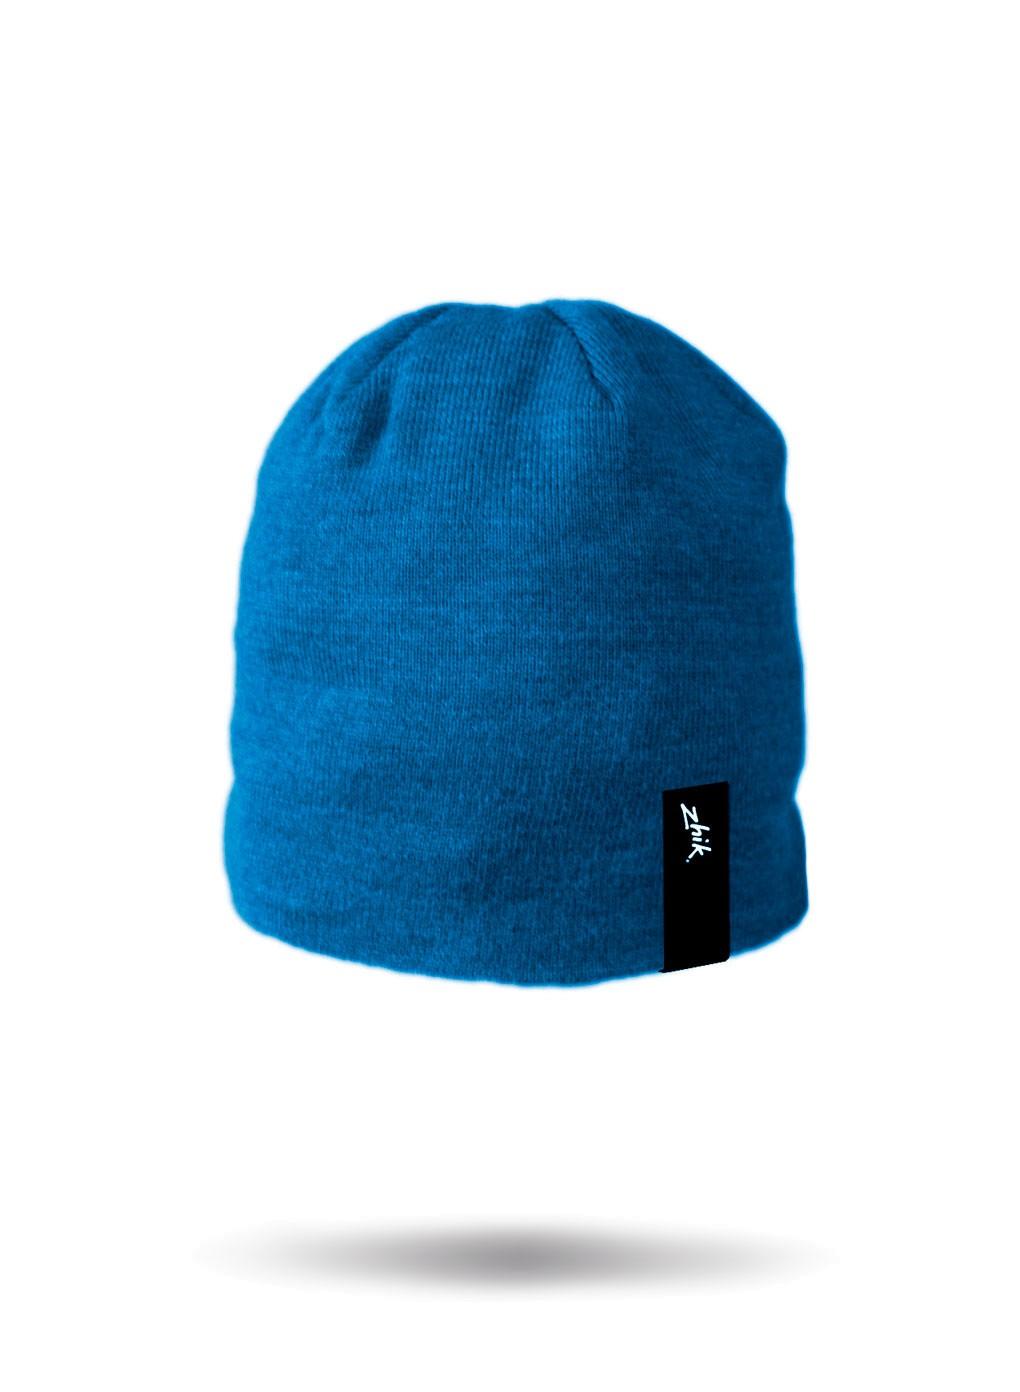 Zhik Fleece Beanie in Blau